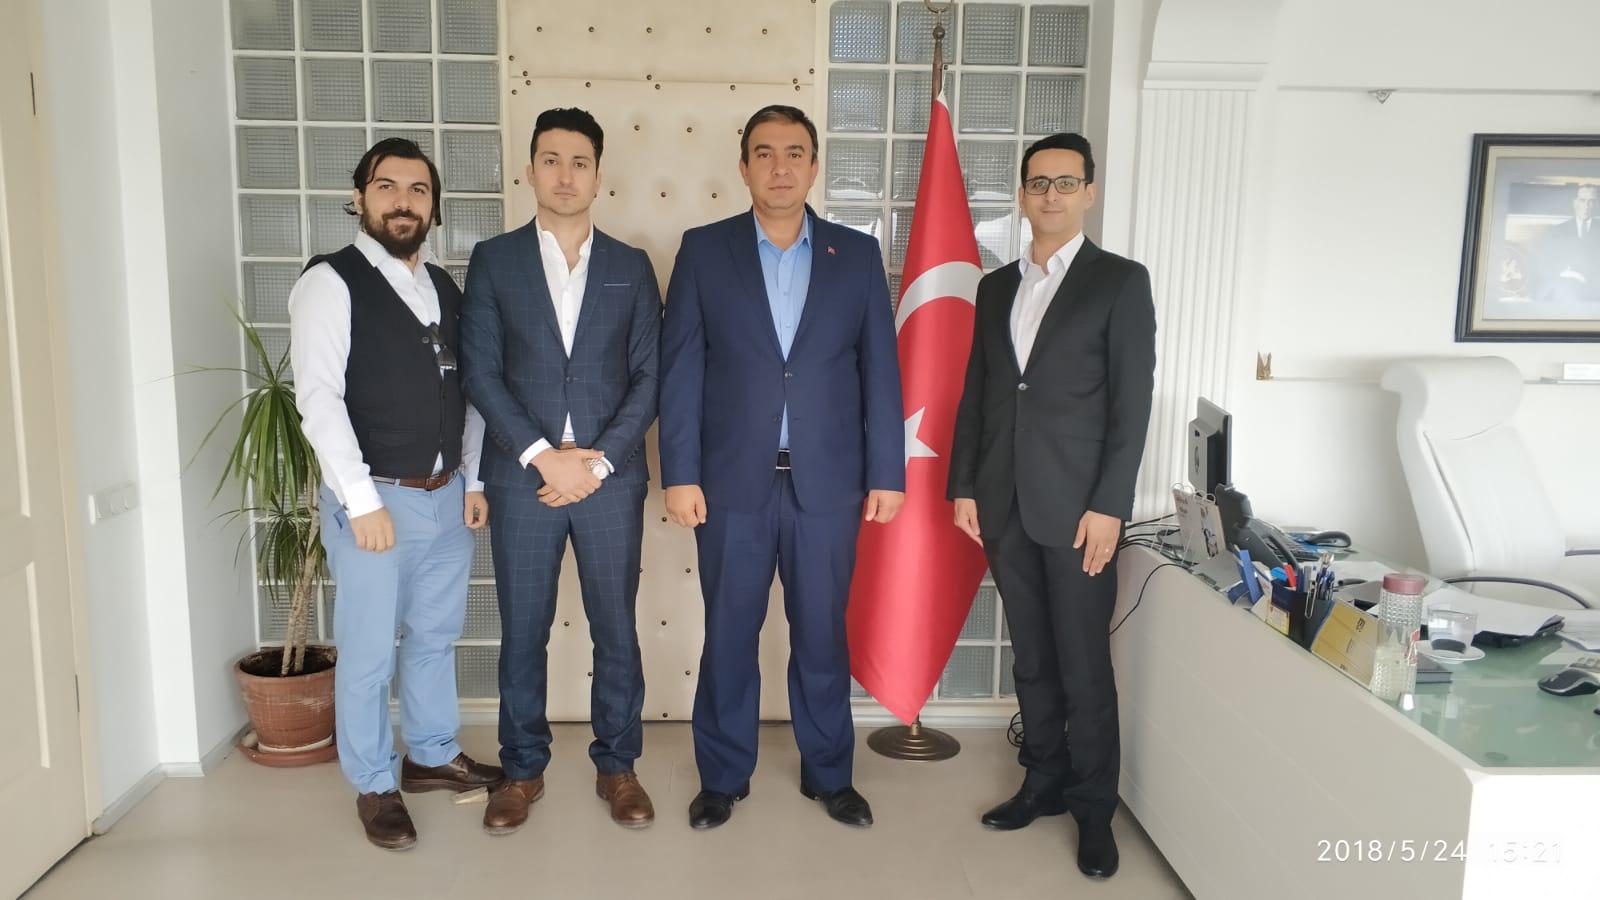 İzmir Liman Başkan Vekili Sayın Ahmet APAK' ı ziyaret ettik.